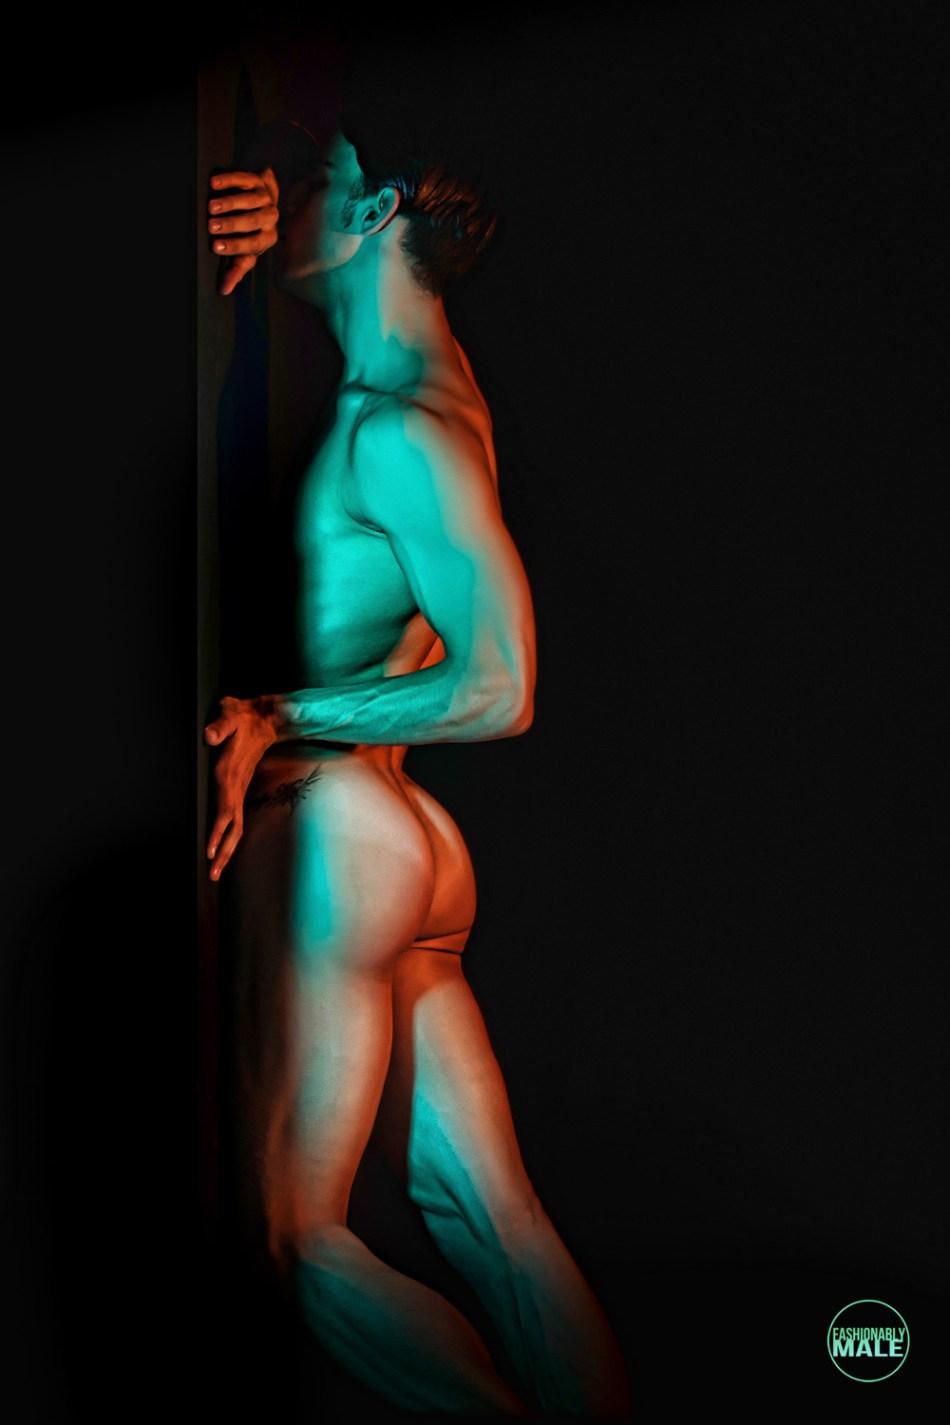 Mihael Belilov by Joan Crisol for Fashionably Male17